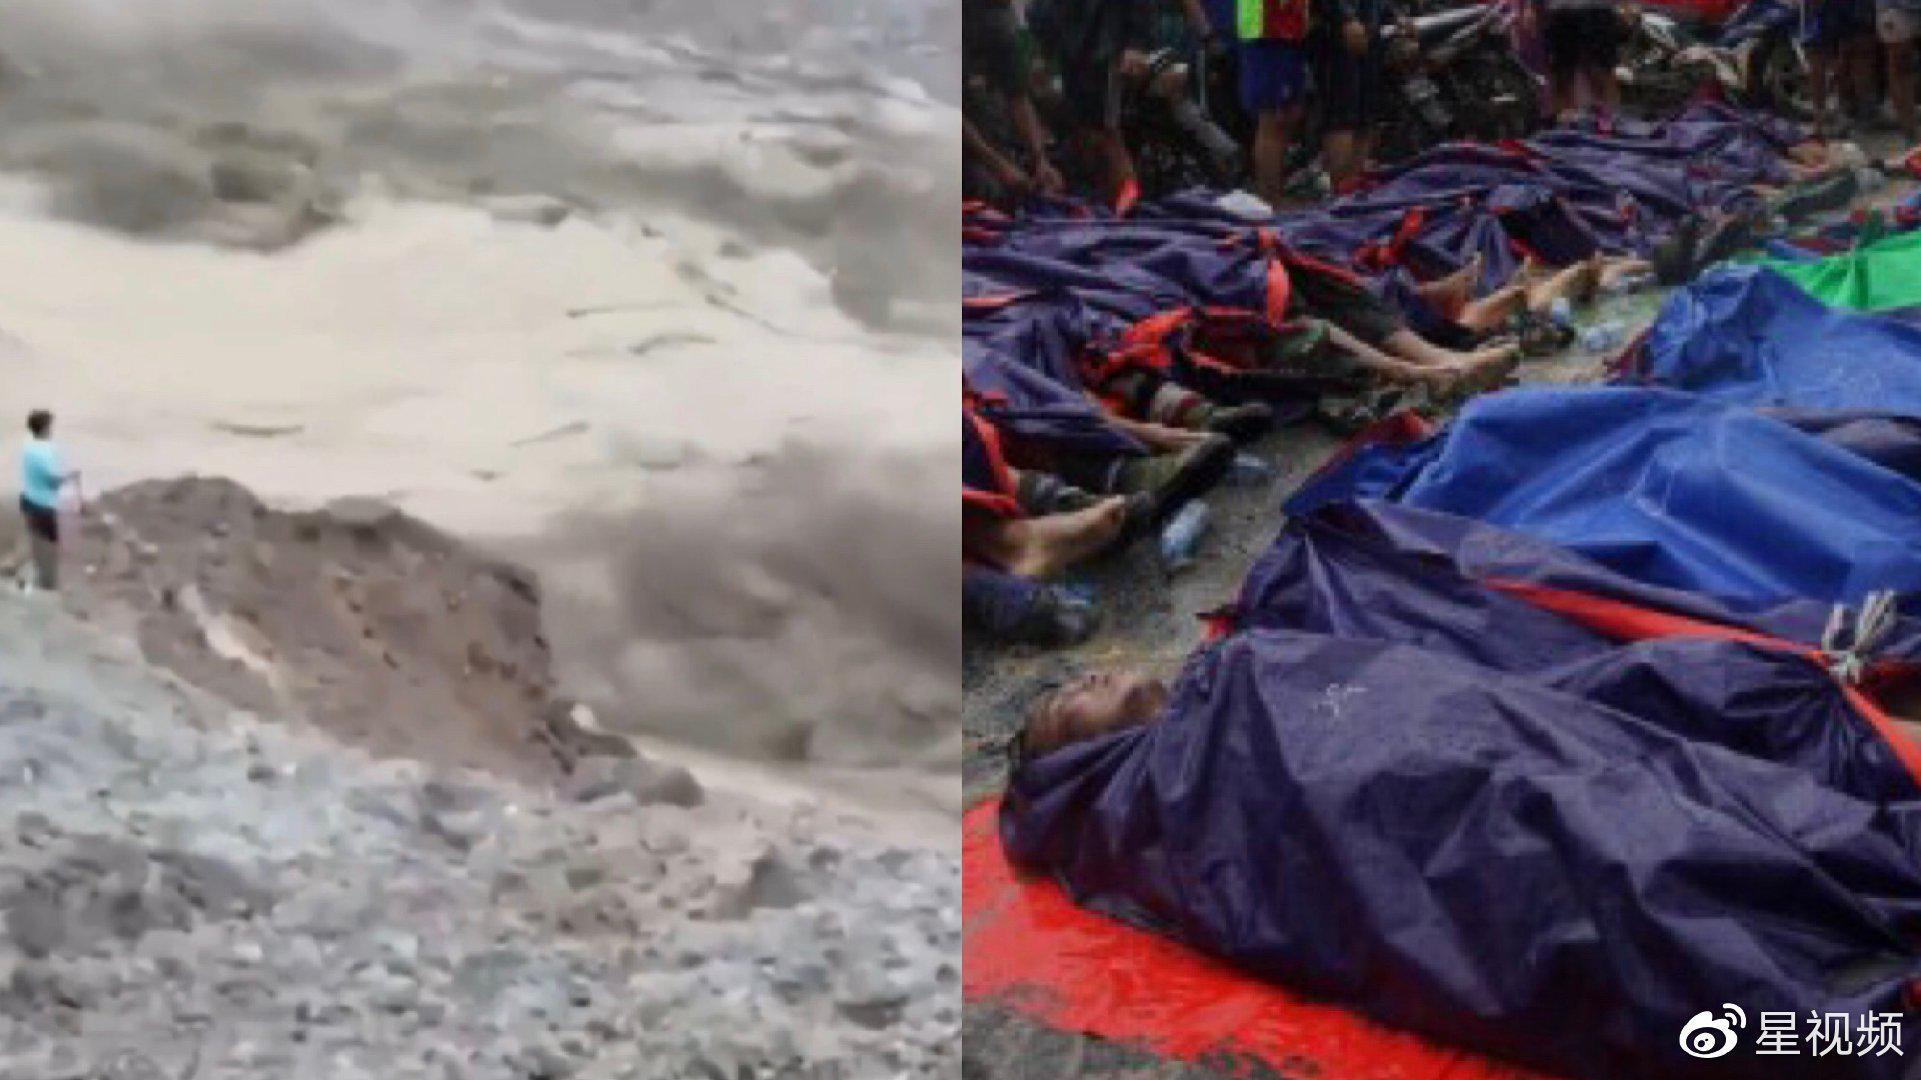 恐怖!暴雨导致年产70亿富饶矿区山体滑坡 已有百名矿工遇难